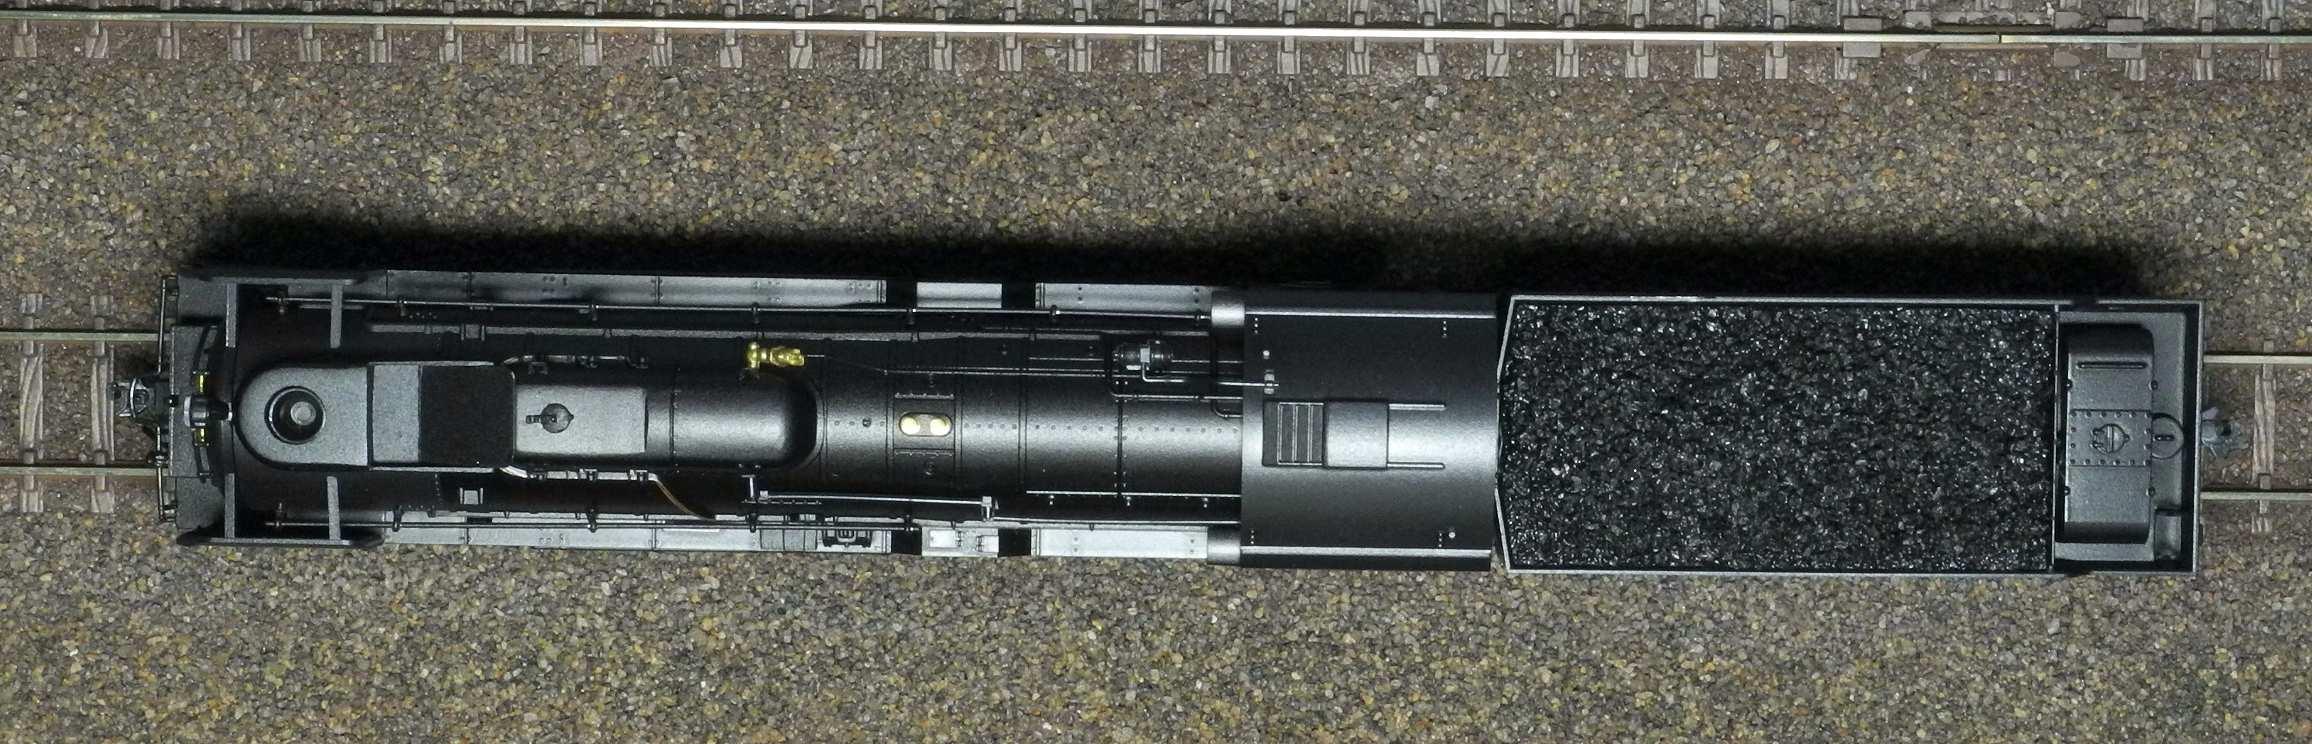 DSCN6369-1.jpg